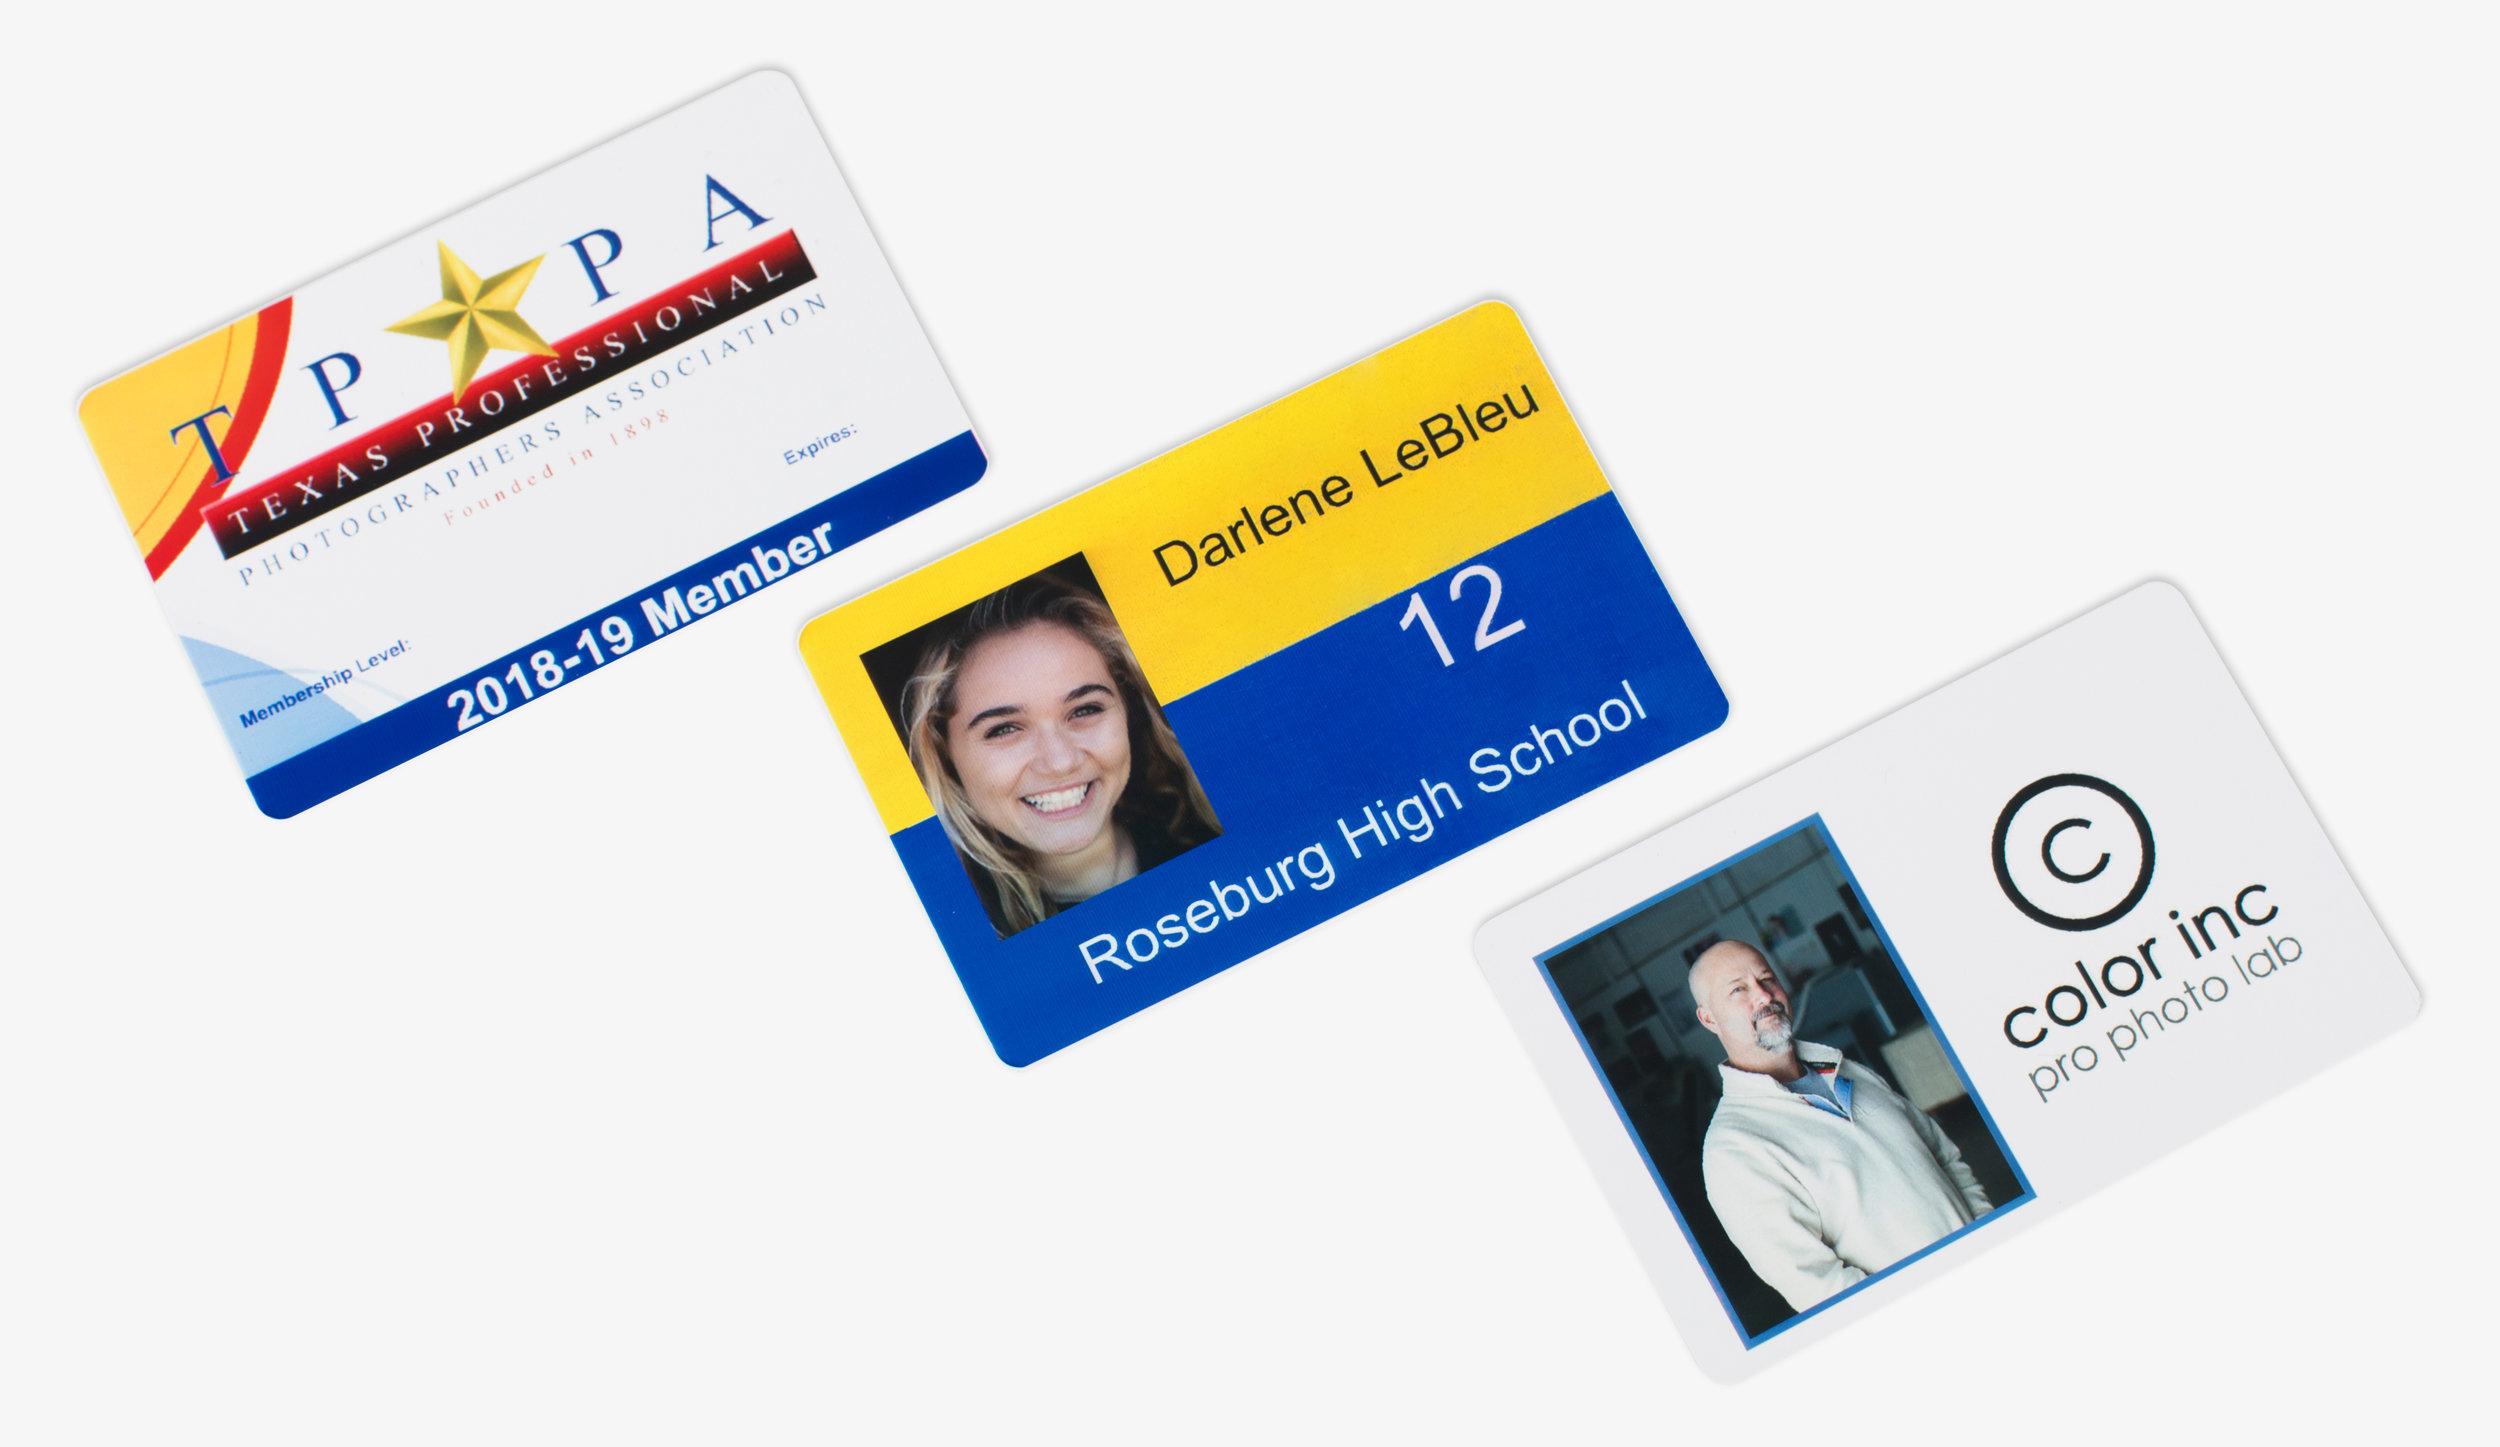 534A1839-School_Sports_ID_Card.jpg